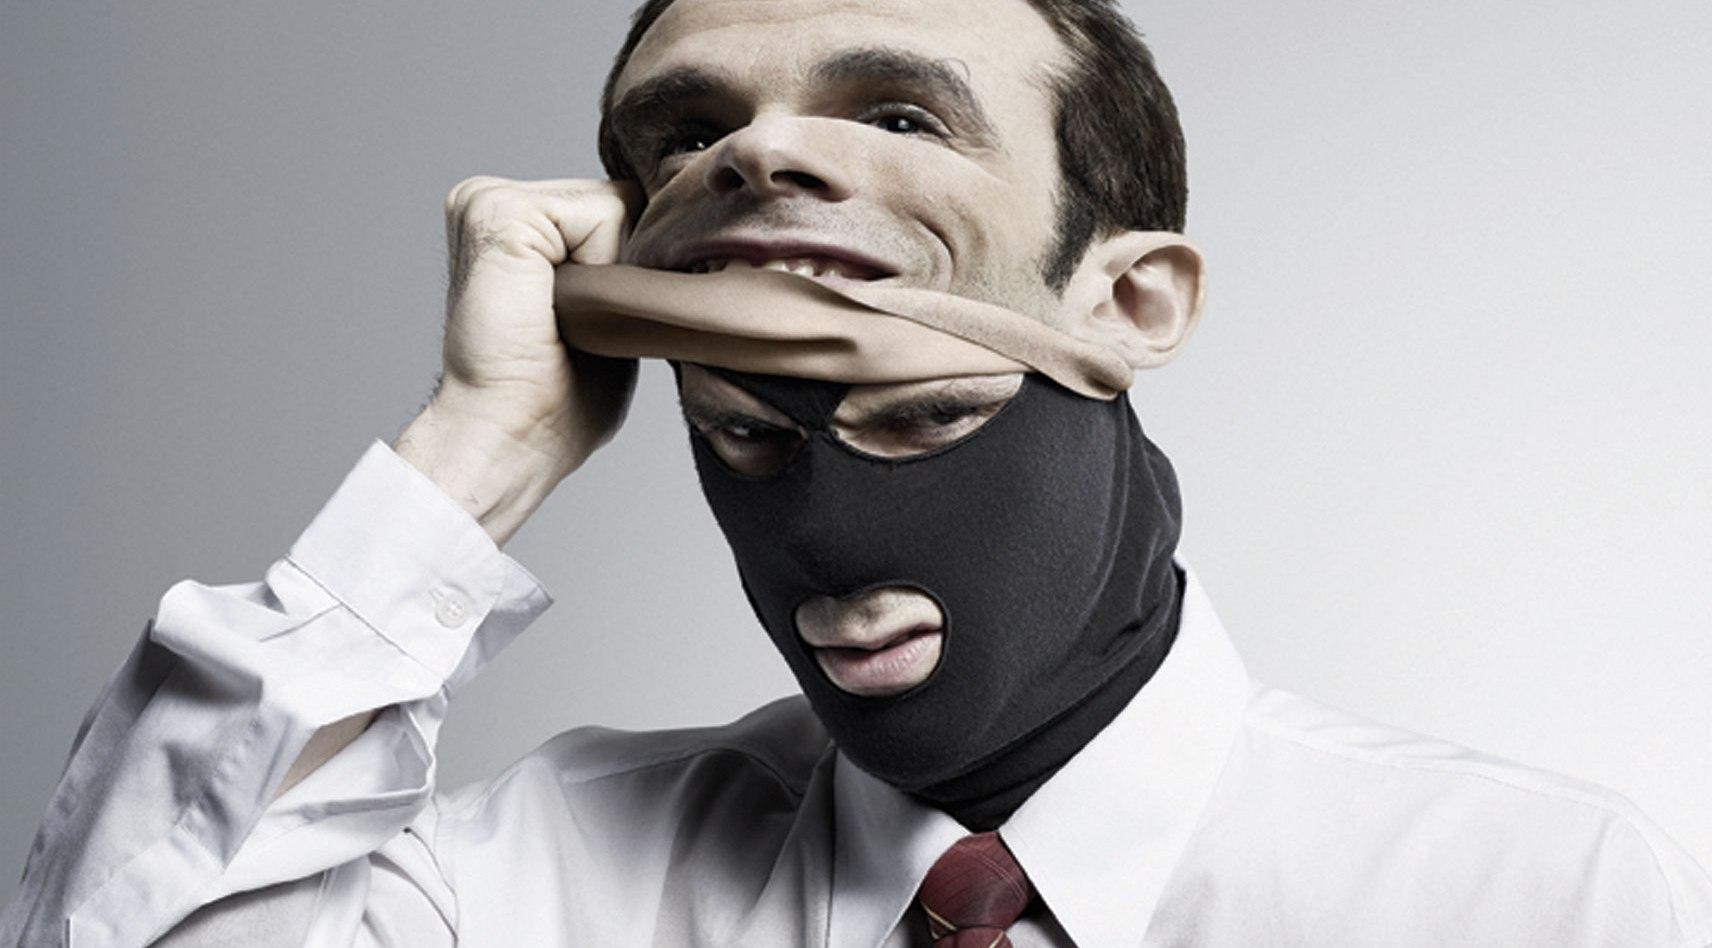 Доверчивый мужчина обогатил интернет-мошенника на 10 тыс. грн.